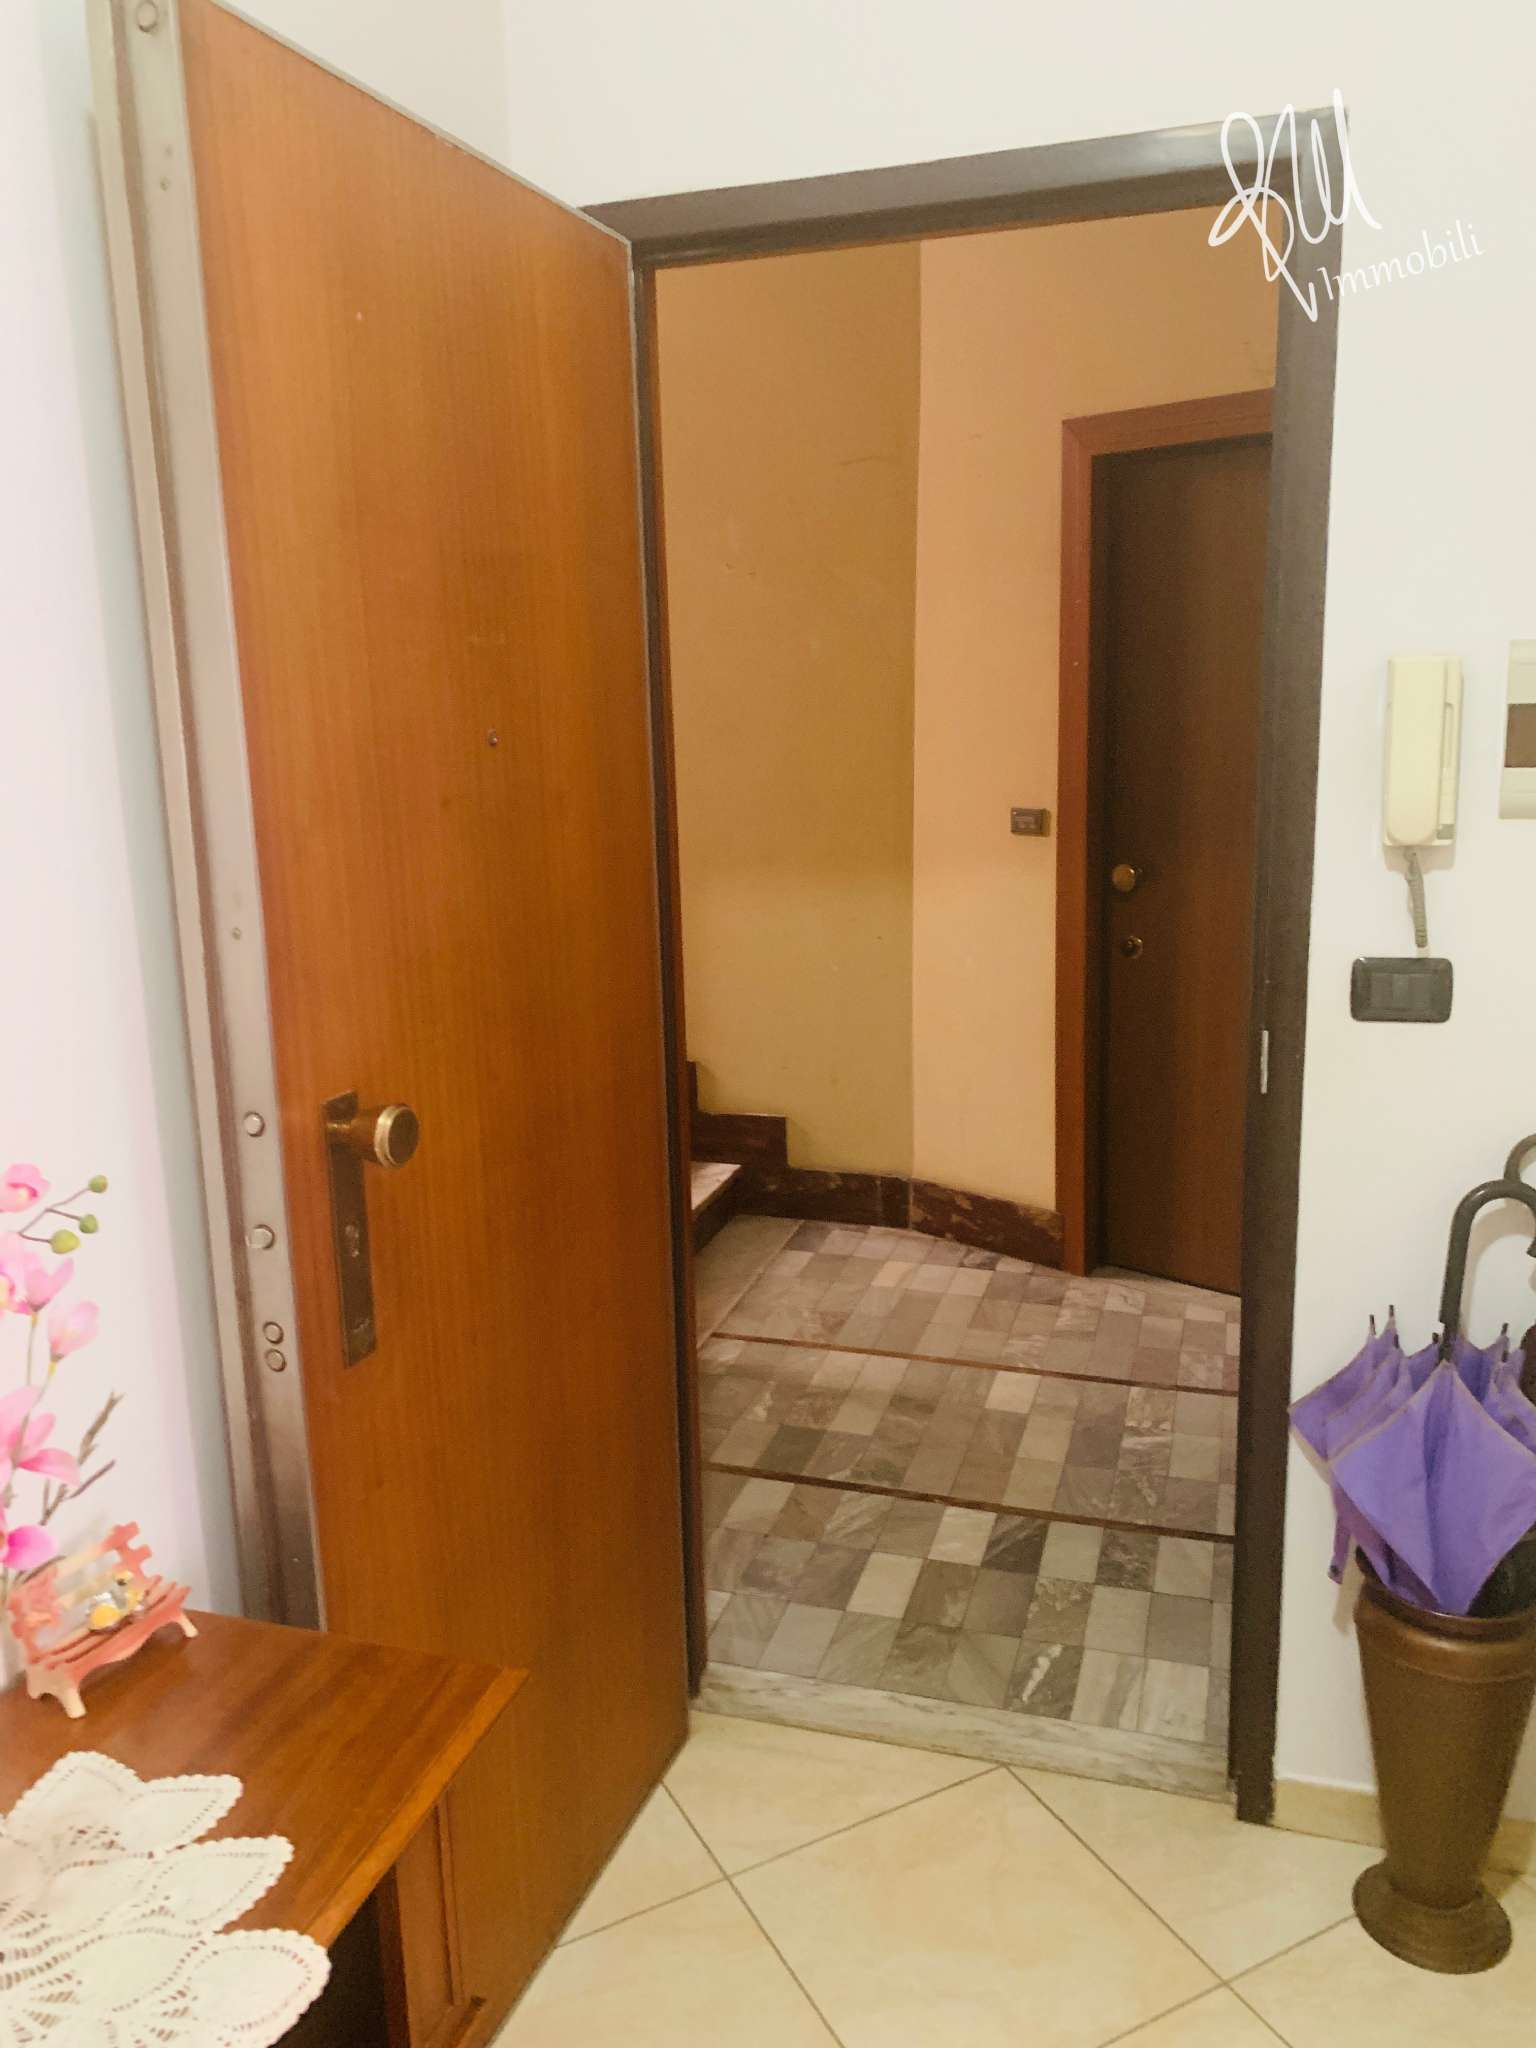 Appartamento in vendita a Rivoli, 2 locali, prezzo € 43.000 | CambioCasa.it